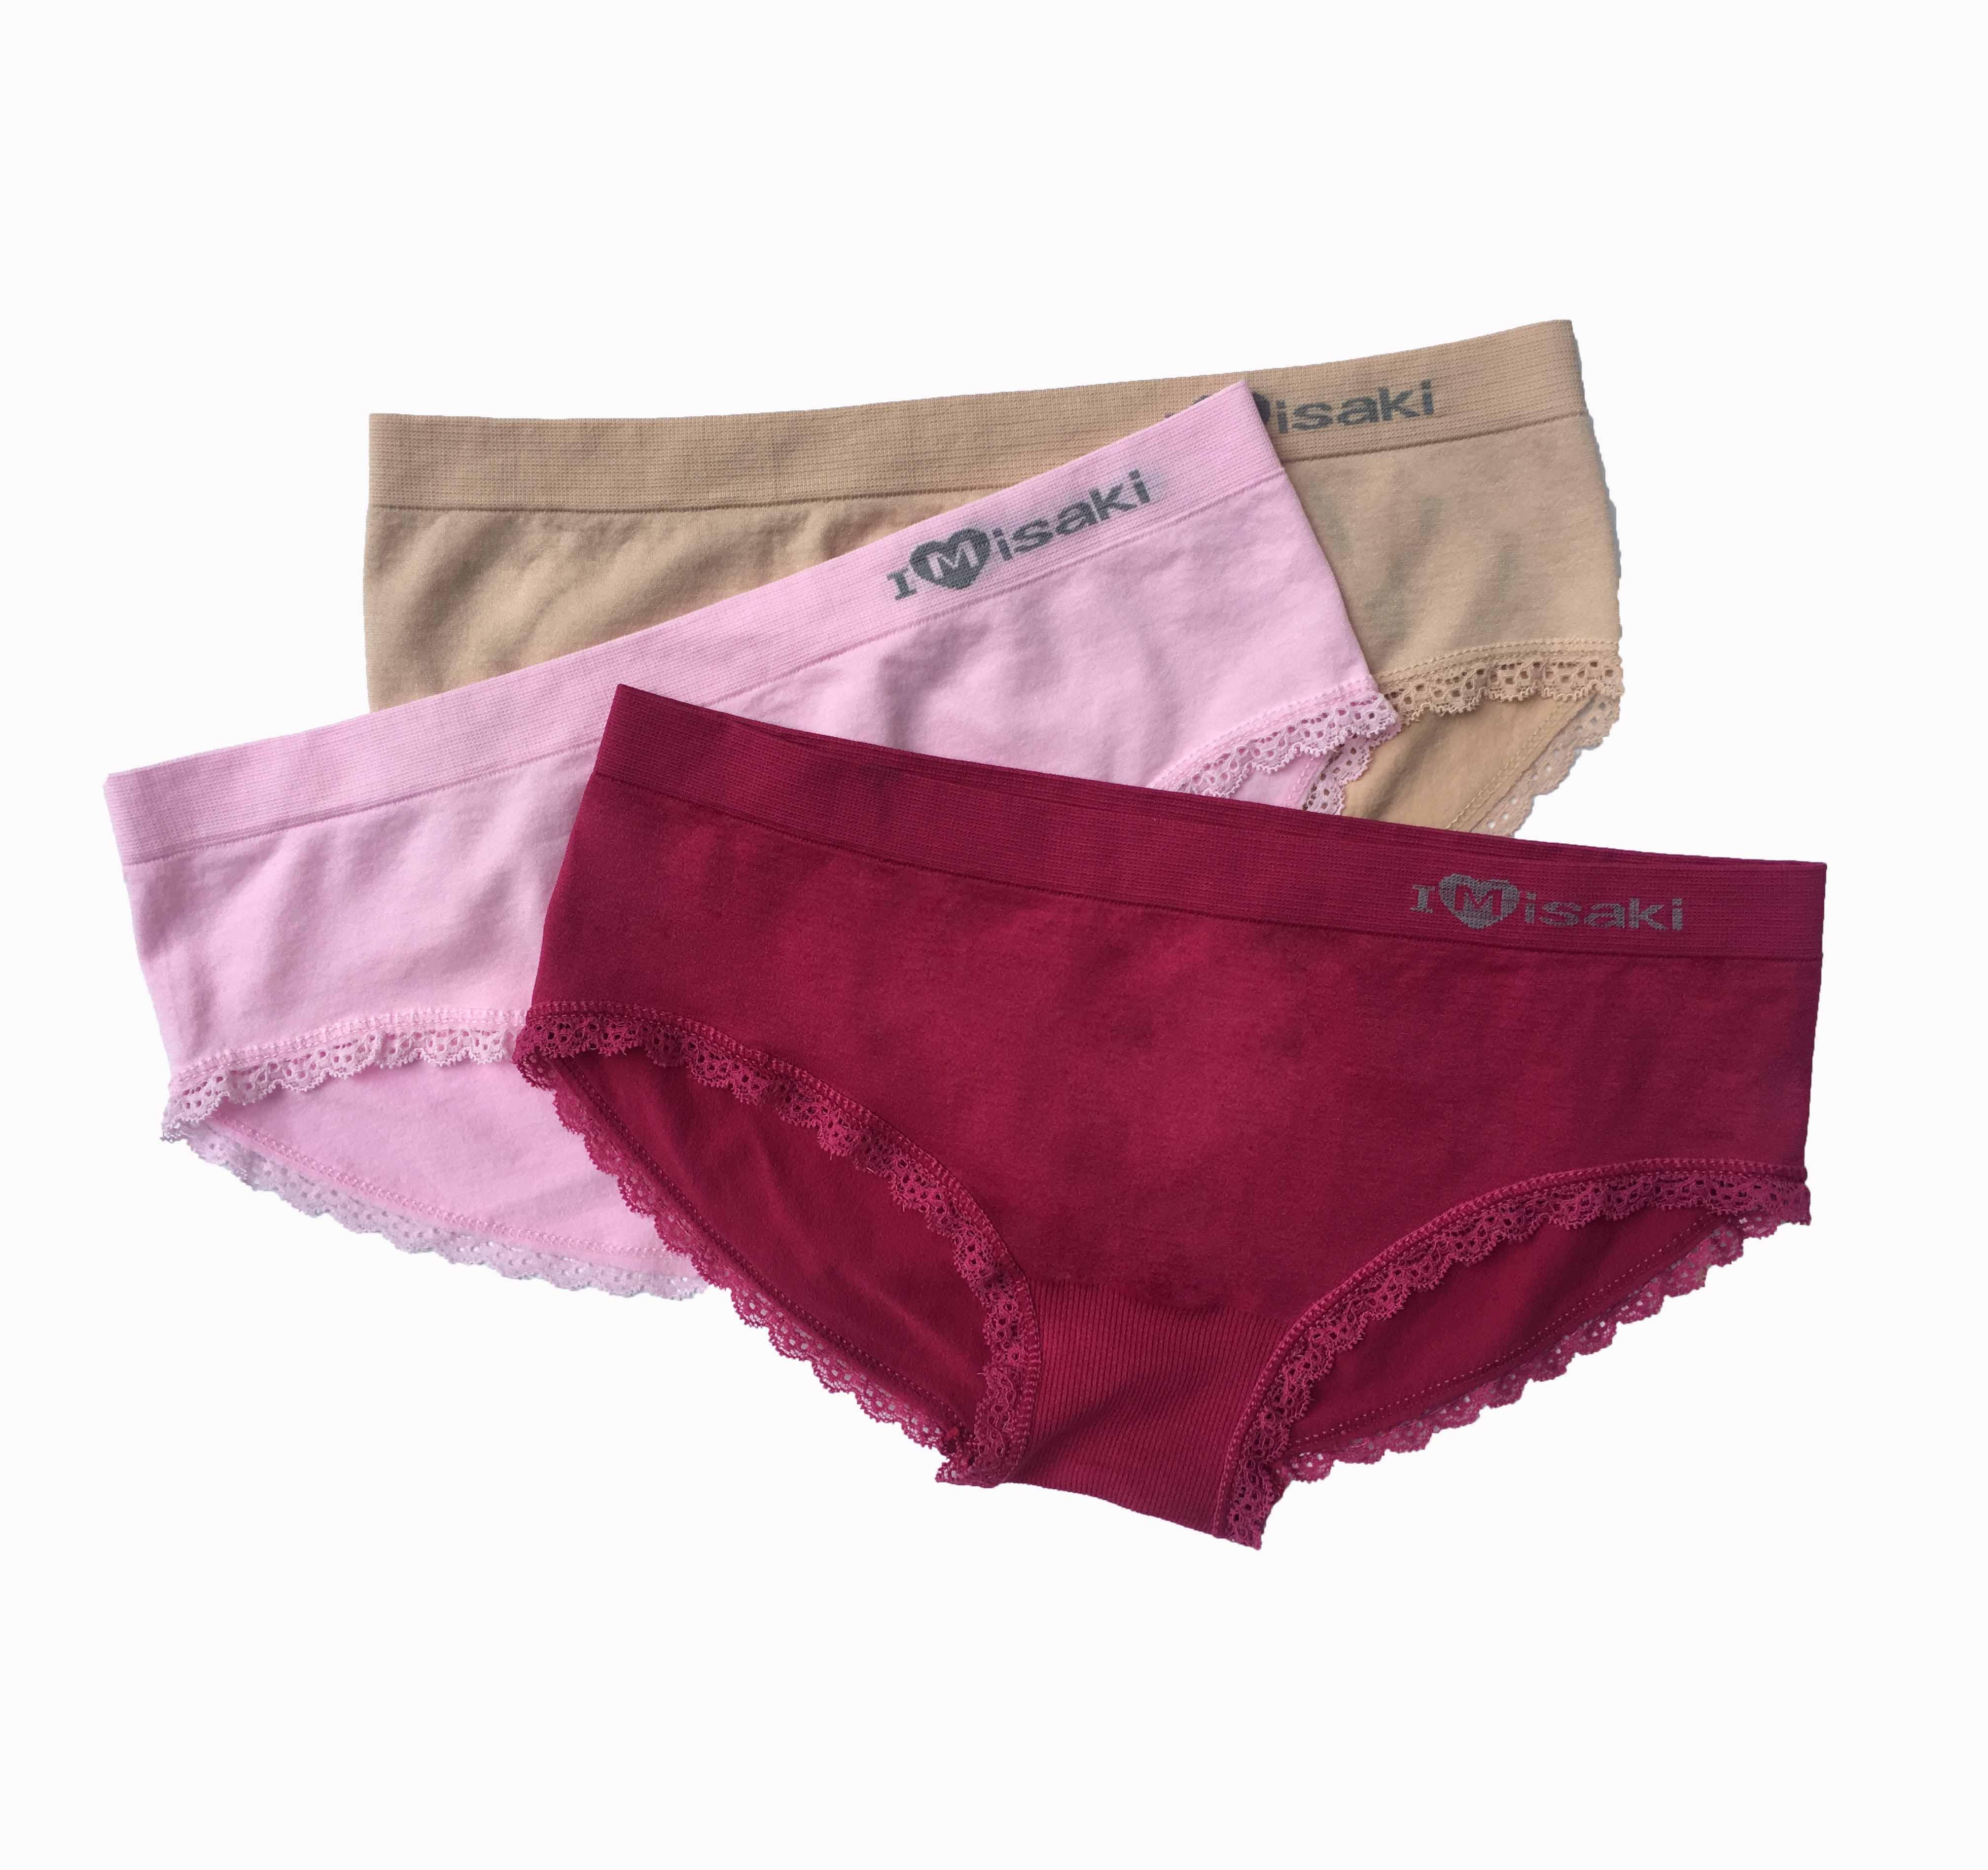 Offer Ưu Đãi Combo 3 Quần Lót Misaki Không đường May Bikini (Tím, Da, Đỏ)